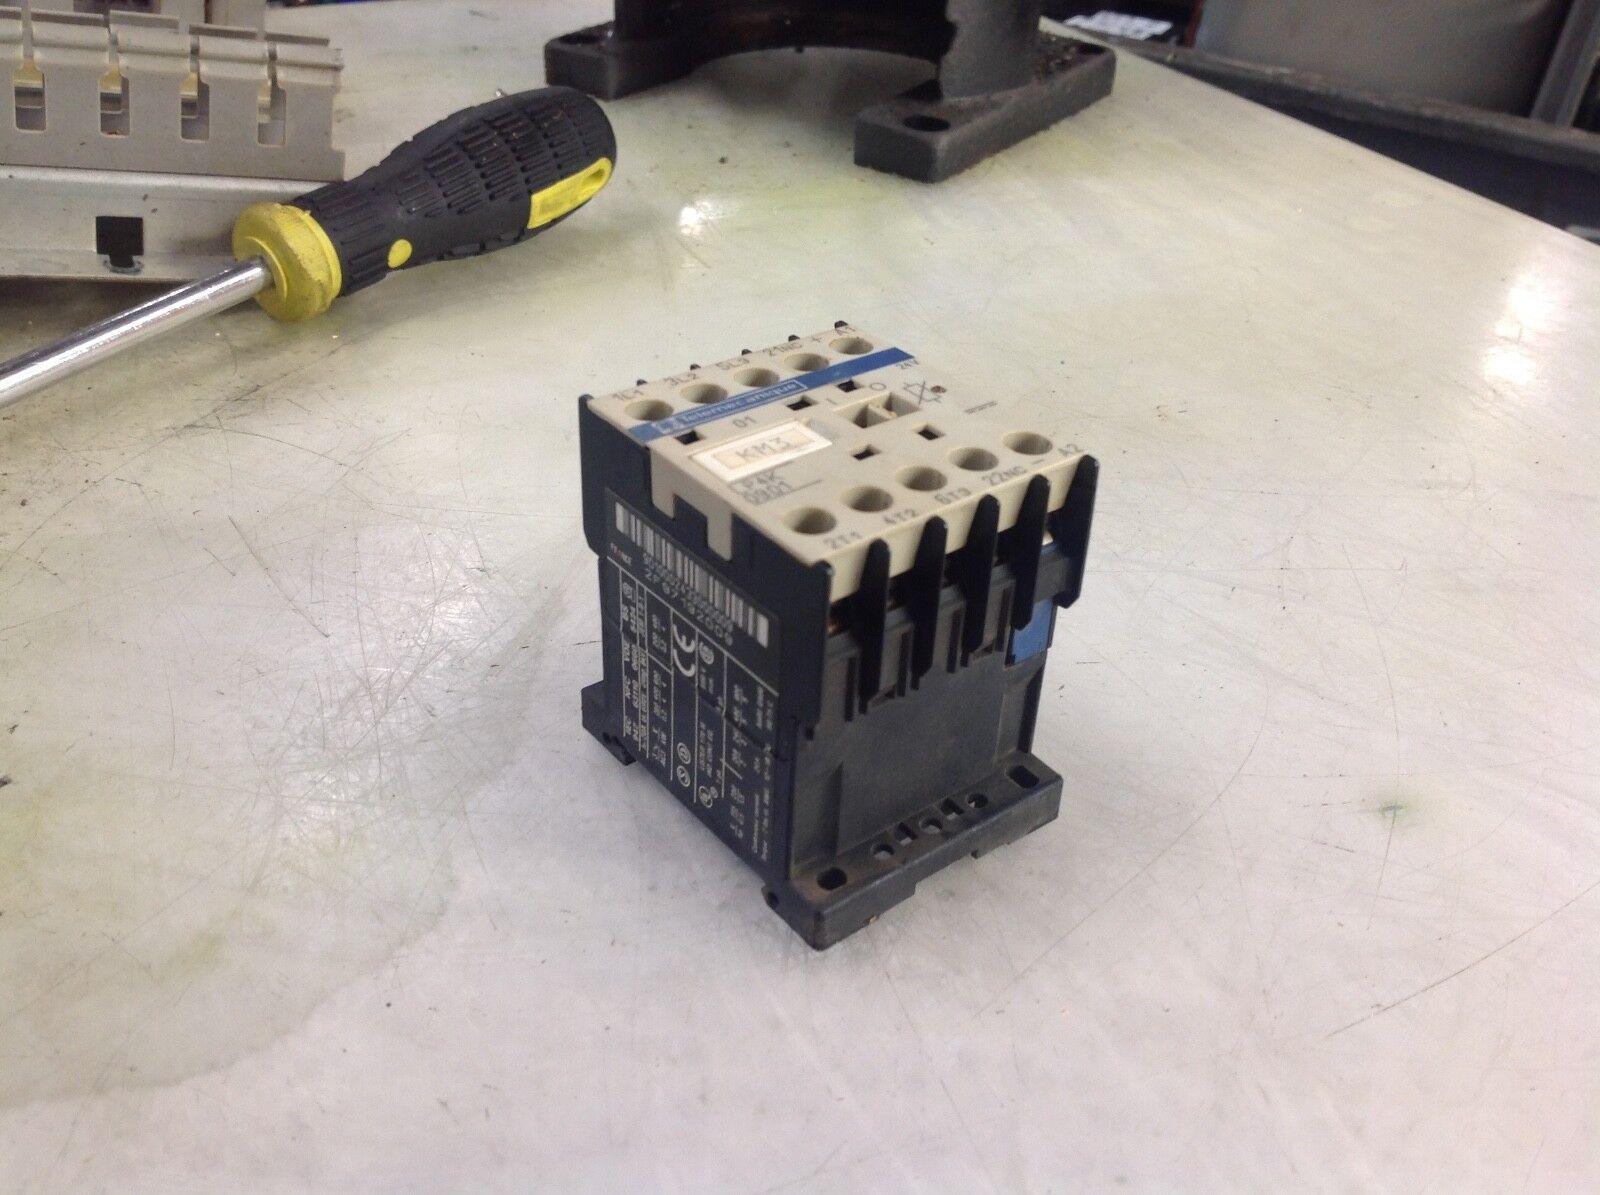 Telemecanique Contactor, LP4K0901 / LP4K 0901, 24V Coil, Used, WARRANTY